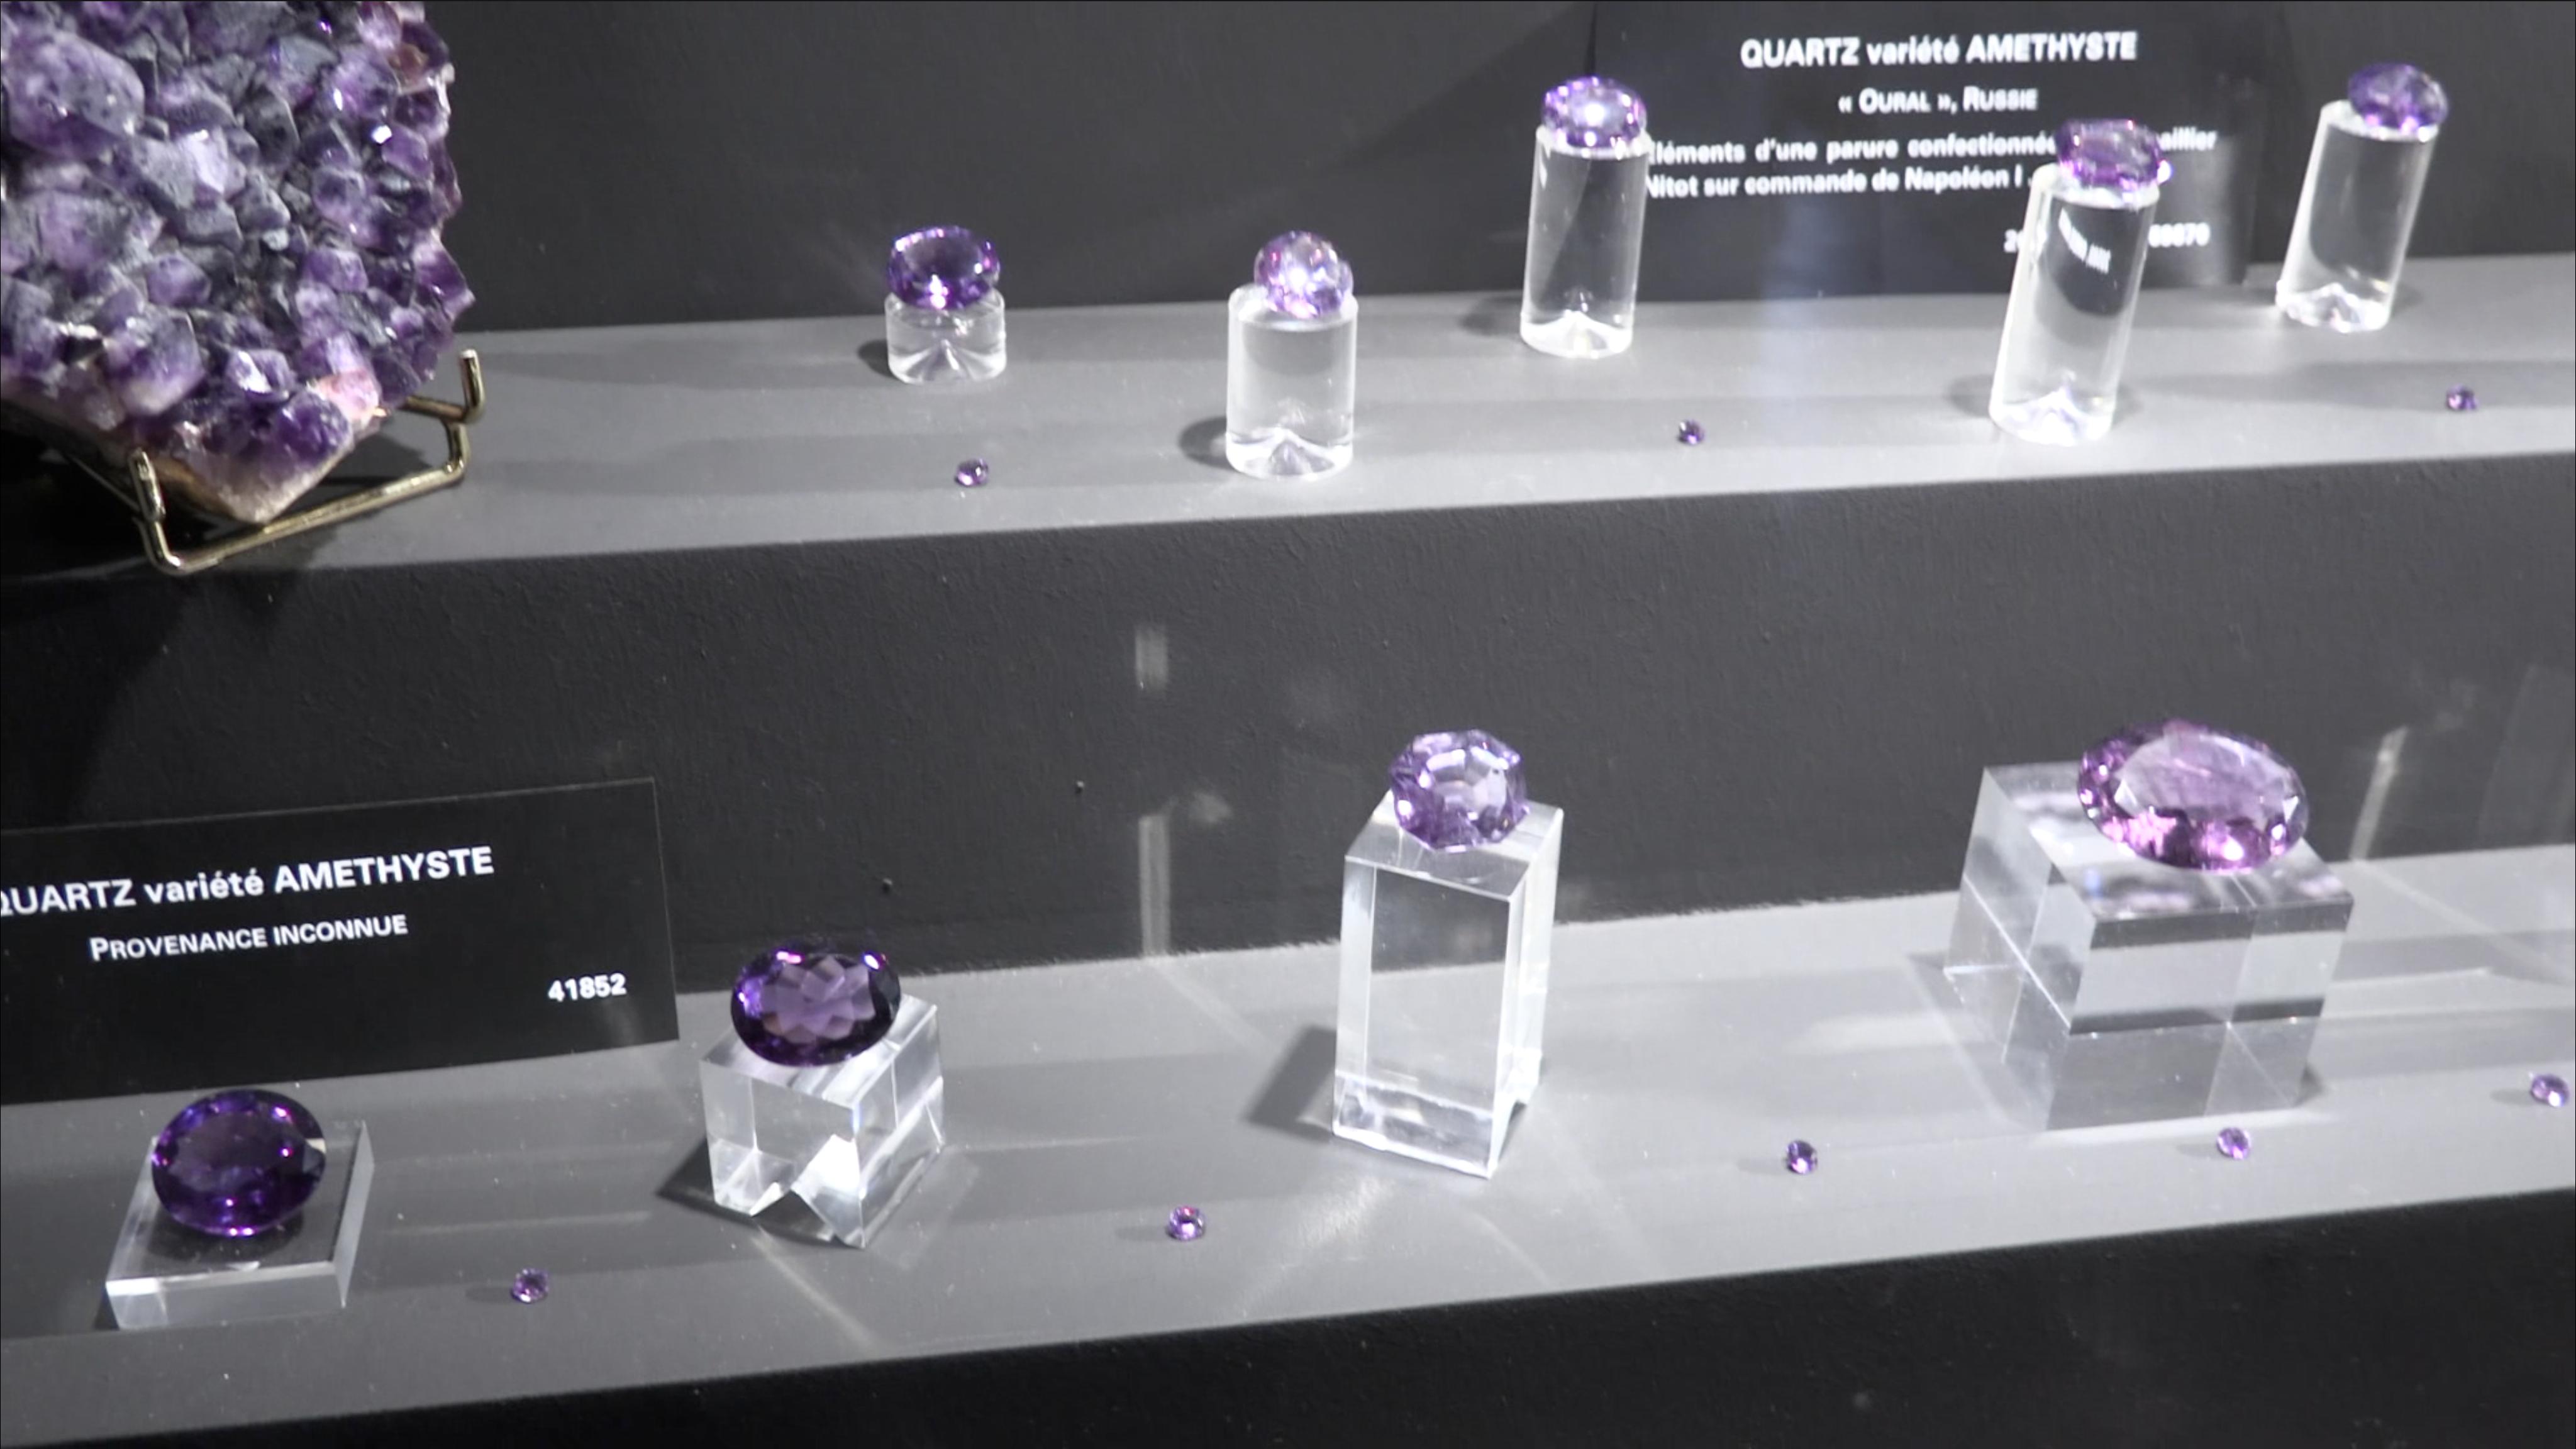 [VIDEO] Le musée de Minéralogie de MINES ParisTech